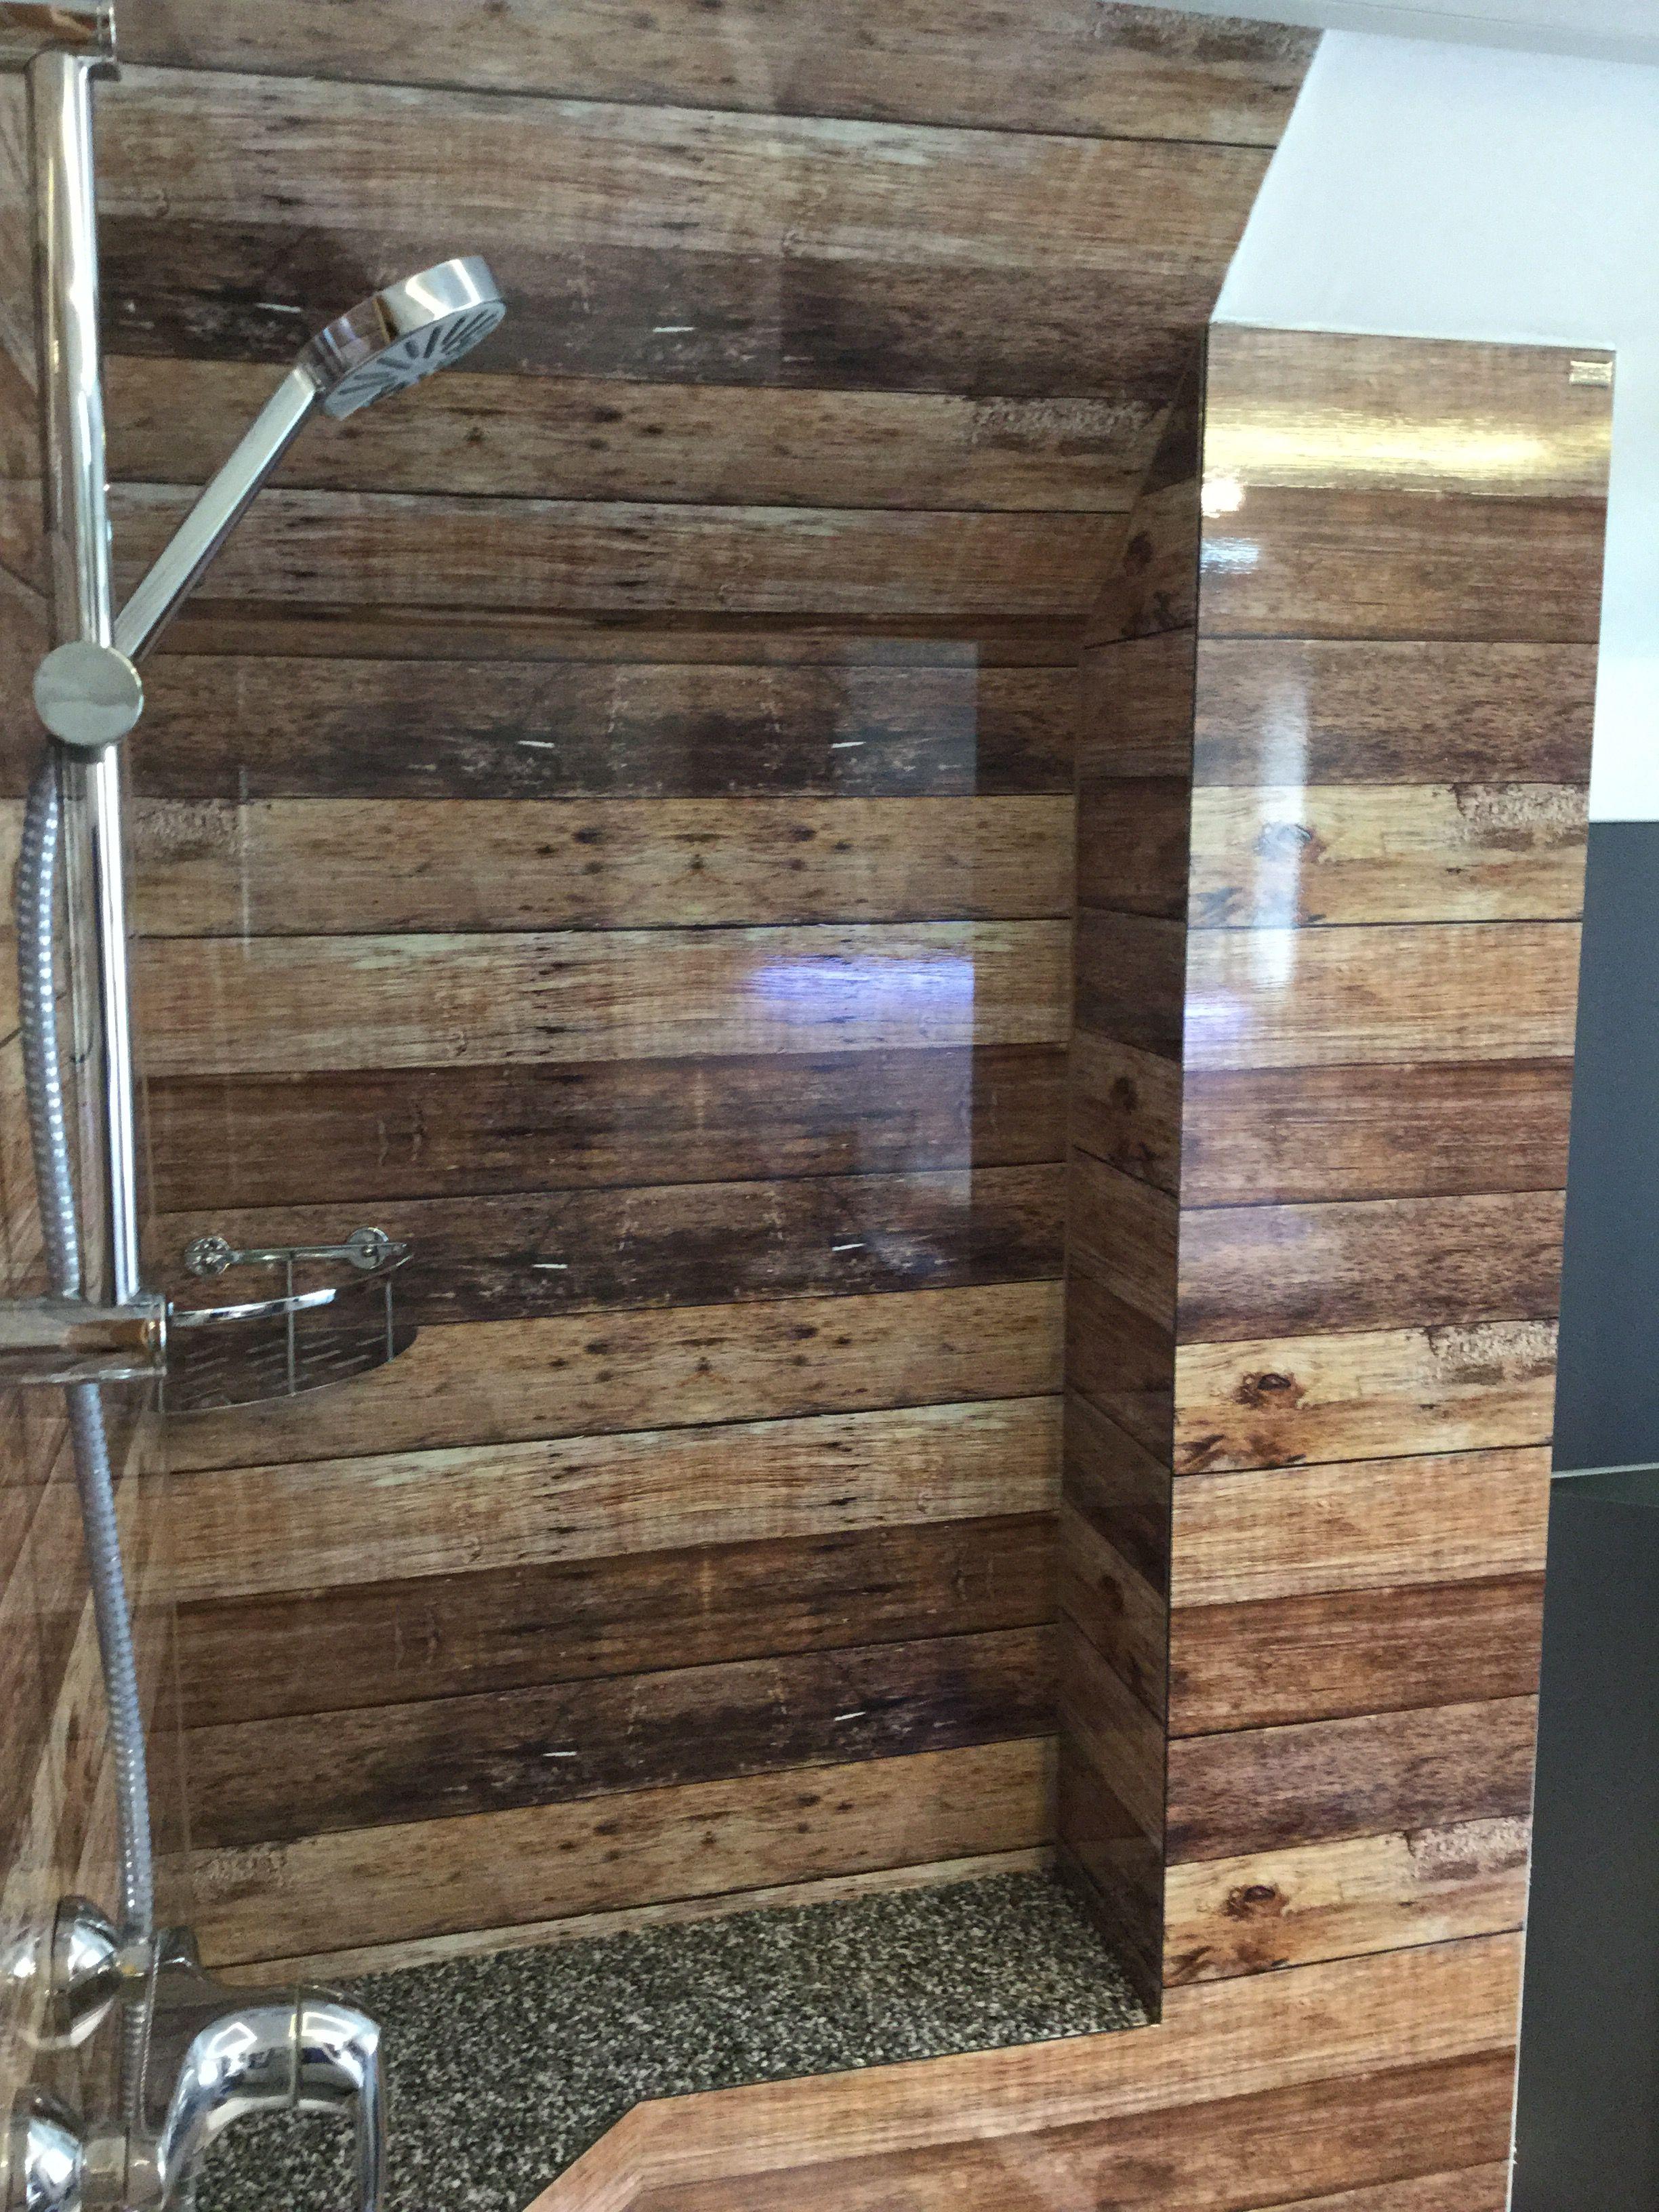 neues ambiente einer dusche mit r ckw nden von sch n und. Black Bedroom Furniture Sets. Home Design Ideas